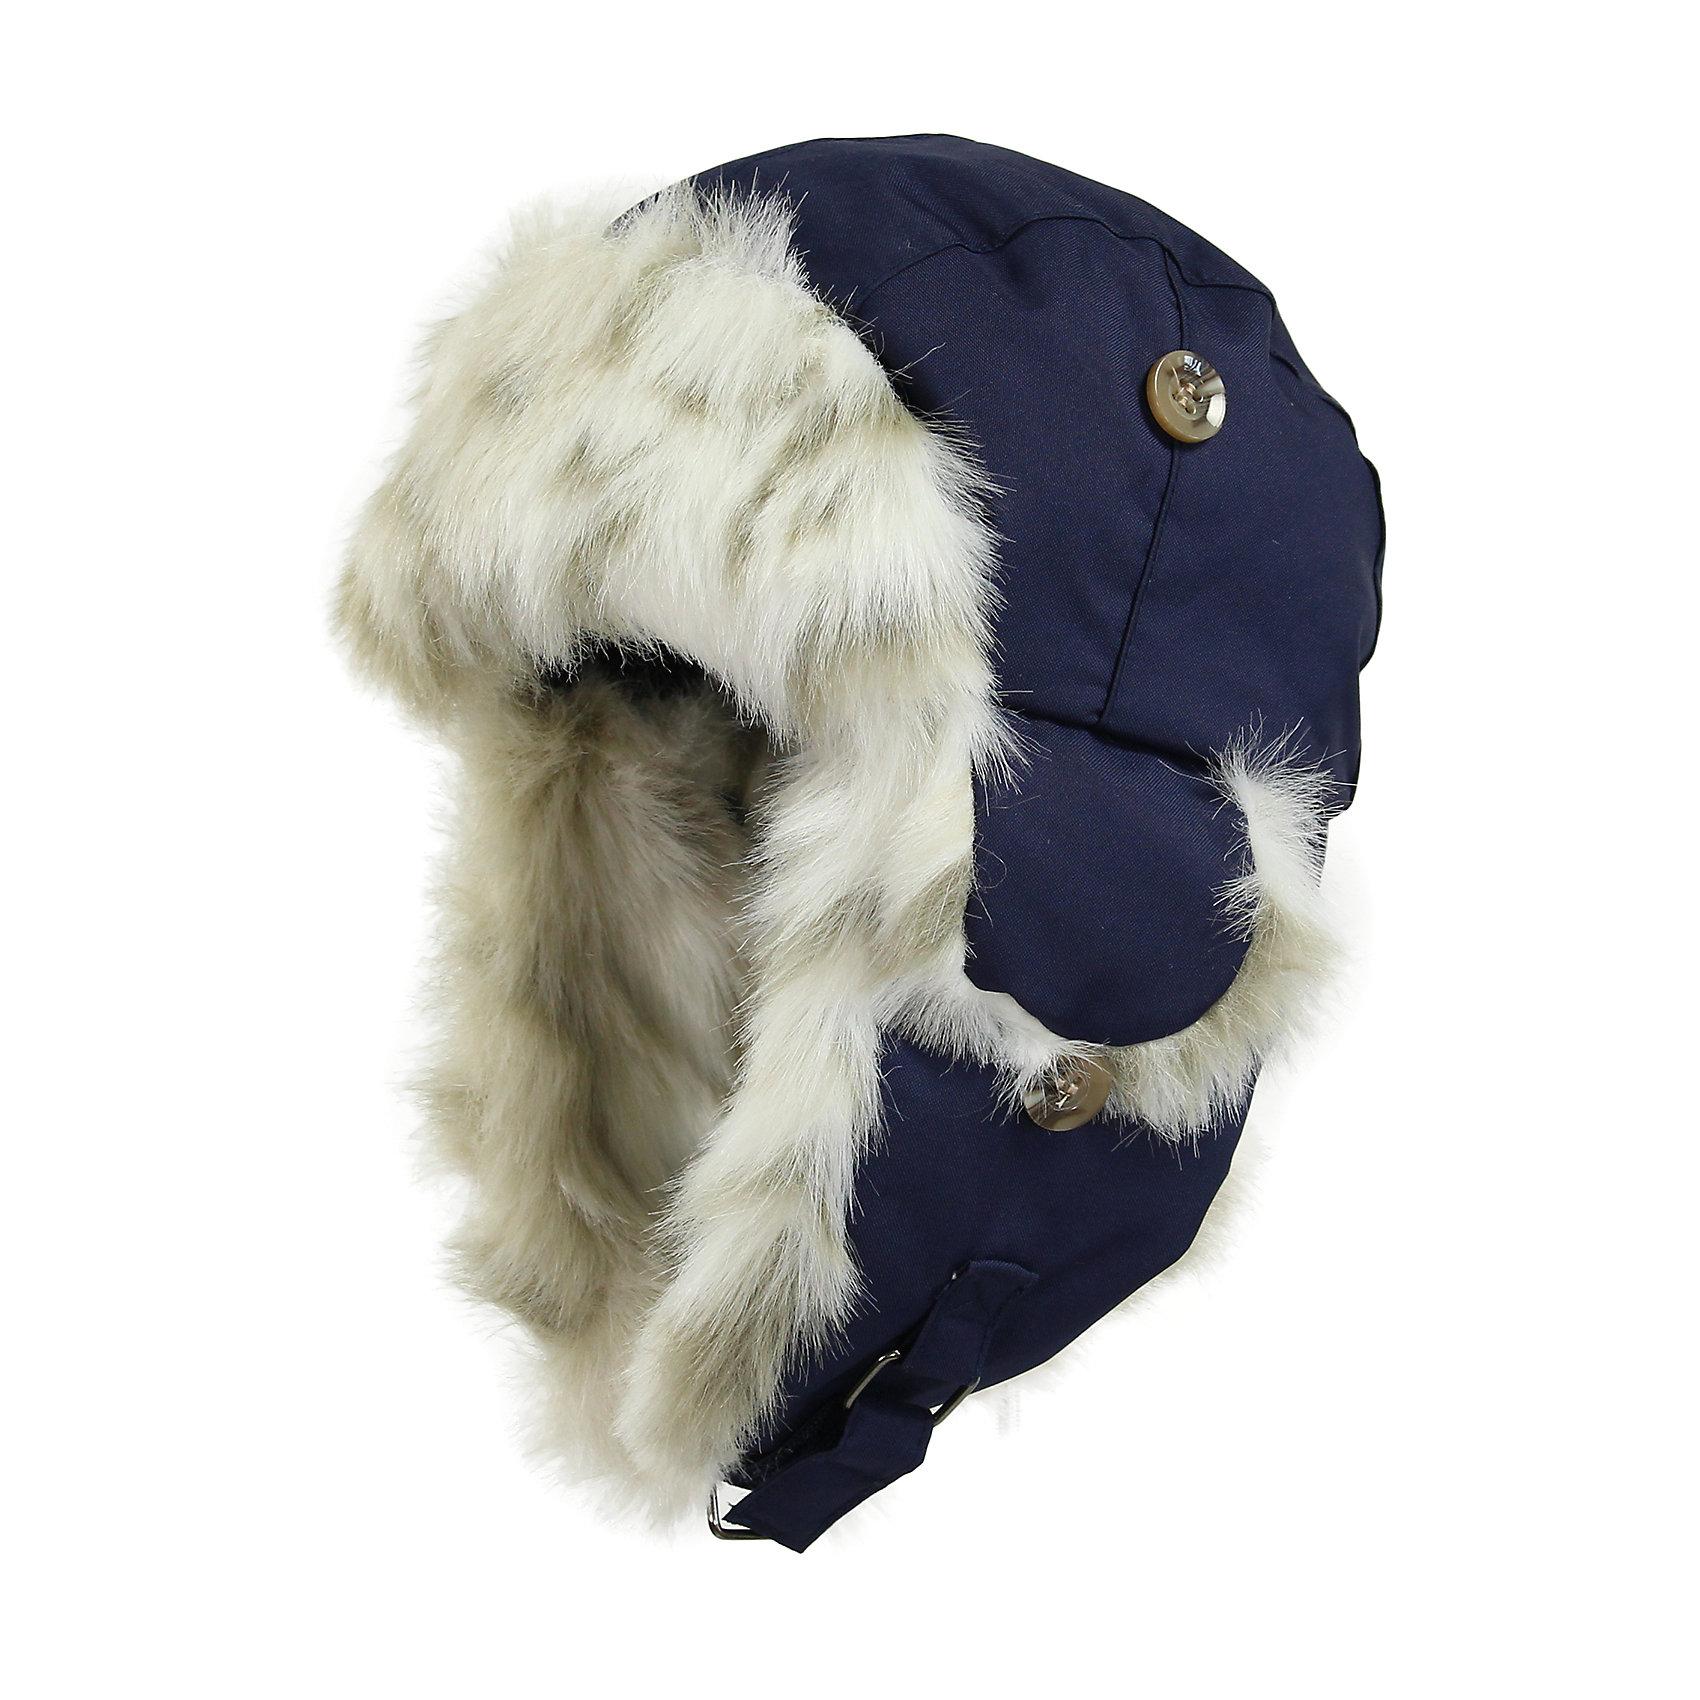 Шапка для мальчика HuppaДетская зимняя шапка ярких цветов с легким ватином. У шапки подкладка из искусственного меха (80% акрила, 20% полиэстера) и дышащая - водоотталкивающая ткань из полиэстера. Для удобства ношения у шапки регулируемая верхняя часть и закрепляющиеся липучкой под подбородком клапаны. Как большие, так и маленькие клапаны можно закрепить на макушке, благодаря чему у одной шапки имеется несколько возможностей ношения. <br><br>Шапку для мальчика Huppa (Хуппа) можно купить в нашем магазине.<br><br>Ширина мм: 89<br>Глубина мм: 117<br>Высота мм: 44<br>Вес г: 155<br>Цвет: синий<br>Возраст от месяцев: 12<br>Возраст до месяцев: 24<br>Пол: Мужской<br>Возраст: Детский<br>Размер: 47-49,55-57,51-53<br>SKU: 4243106